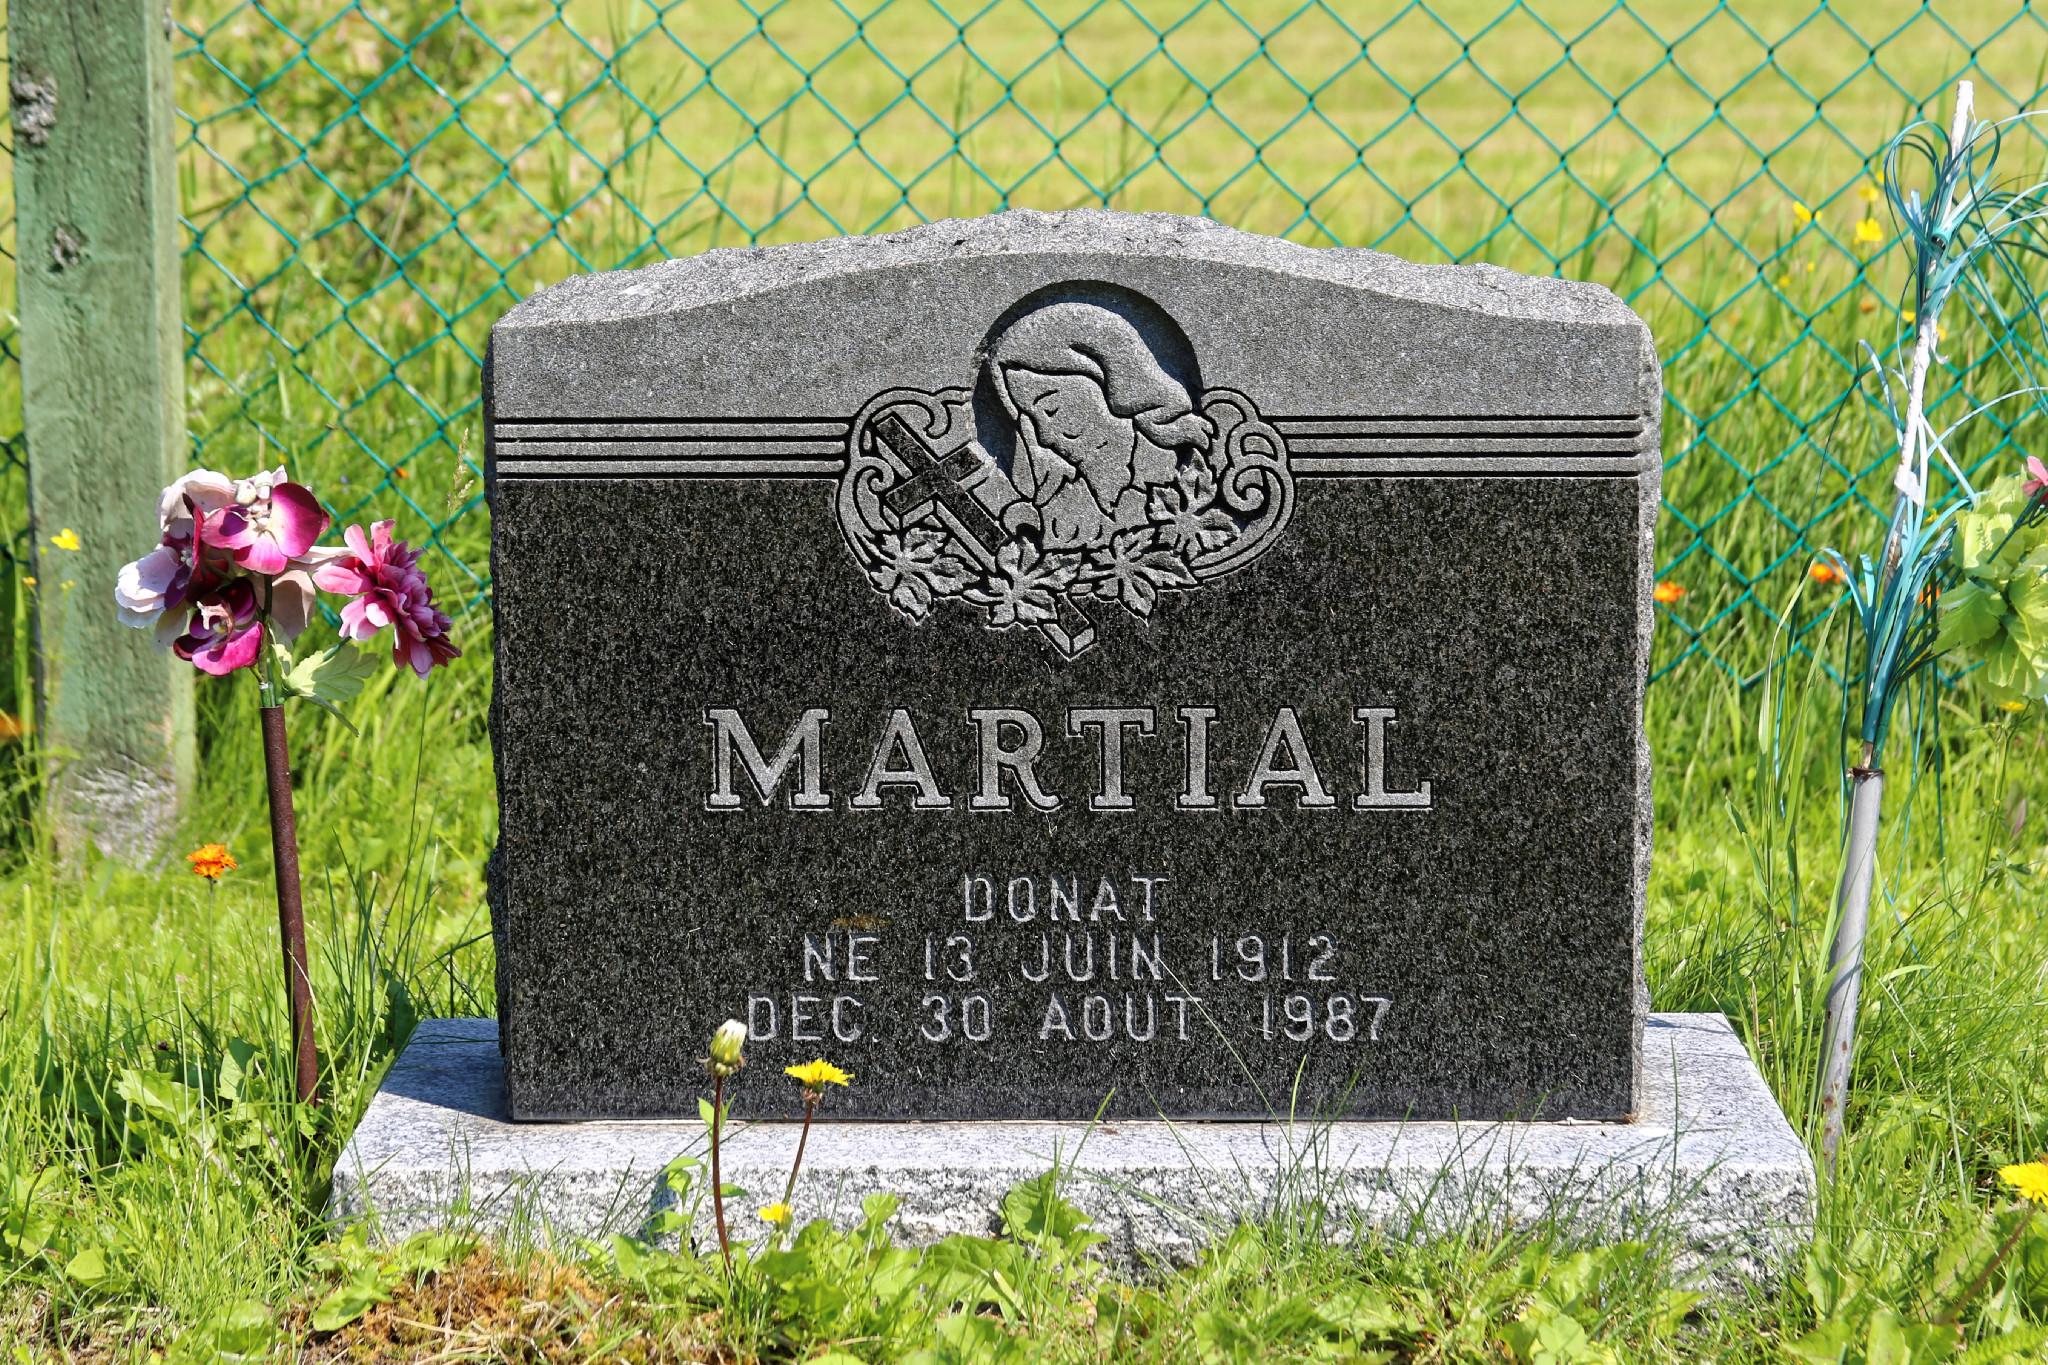 Donat Martial